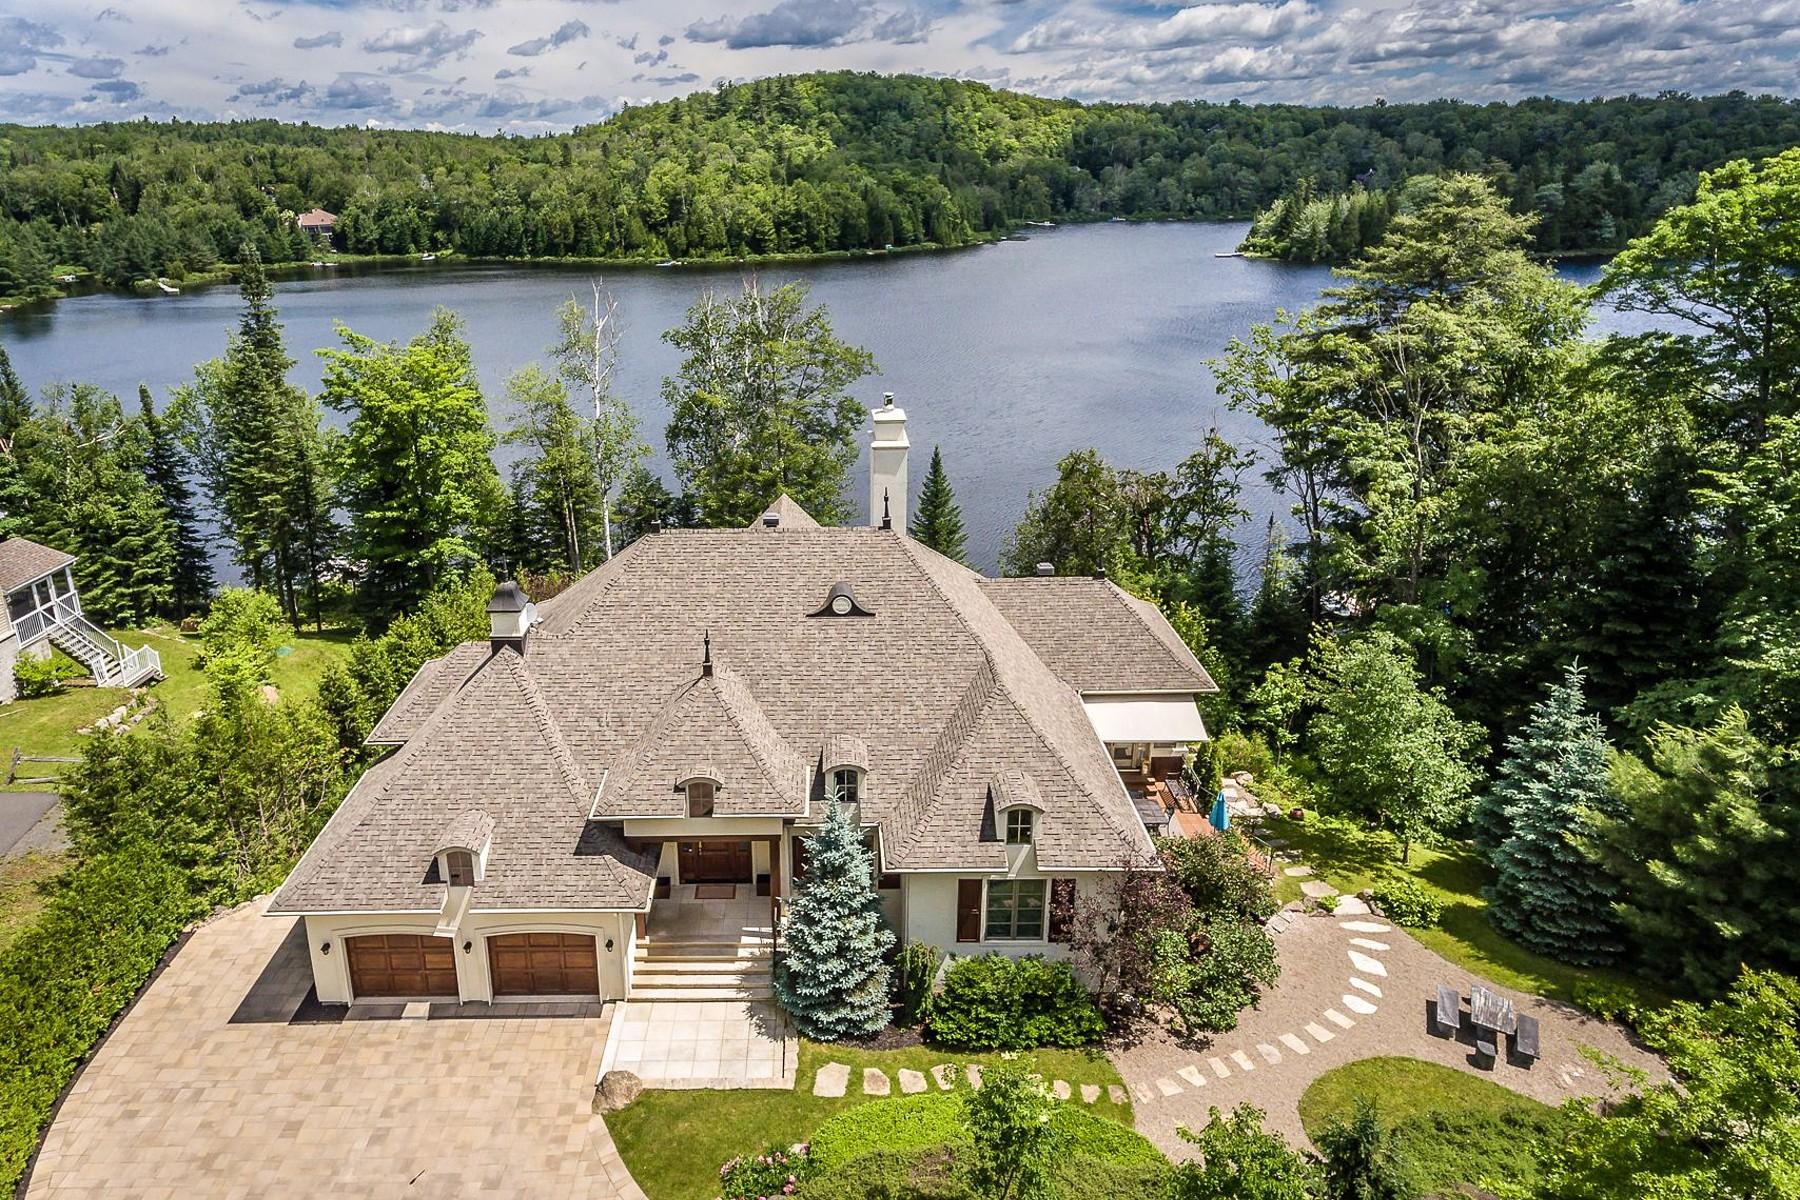 Casa Multifamiliar por un Venta en Saint-Sauveur, Laurentides 101 Ch. Le Nordais, Saint-Sauveur, Quebec, J0R1R3 Canadá